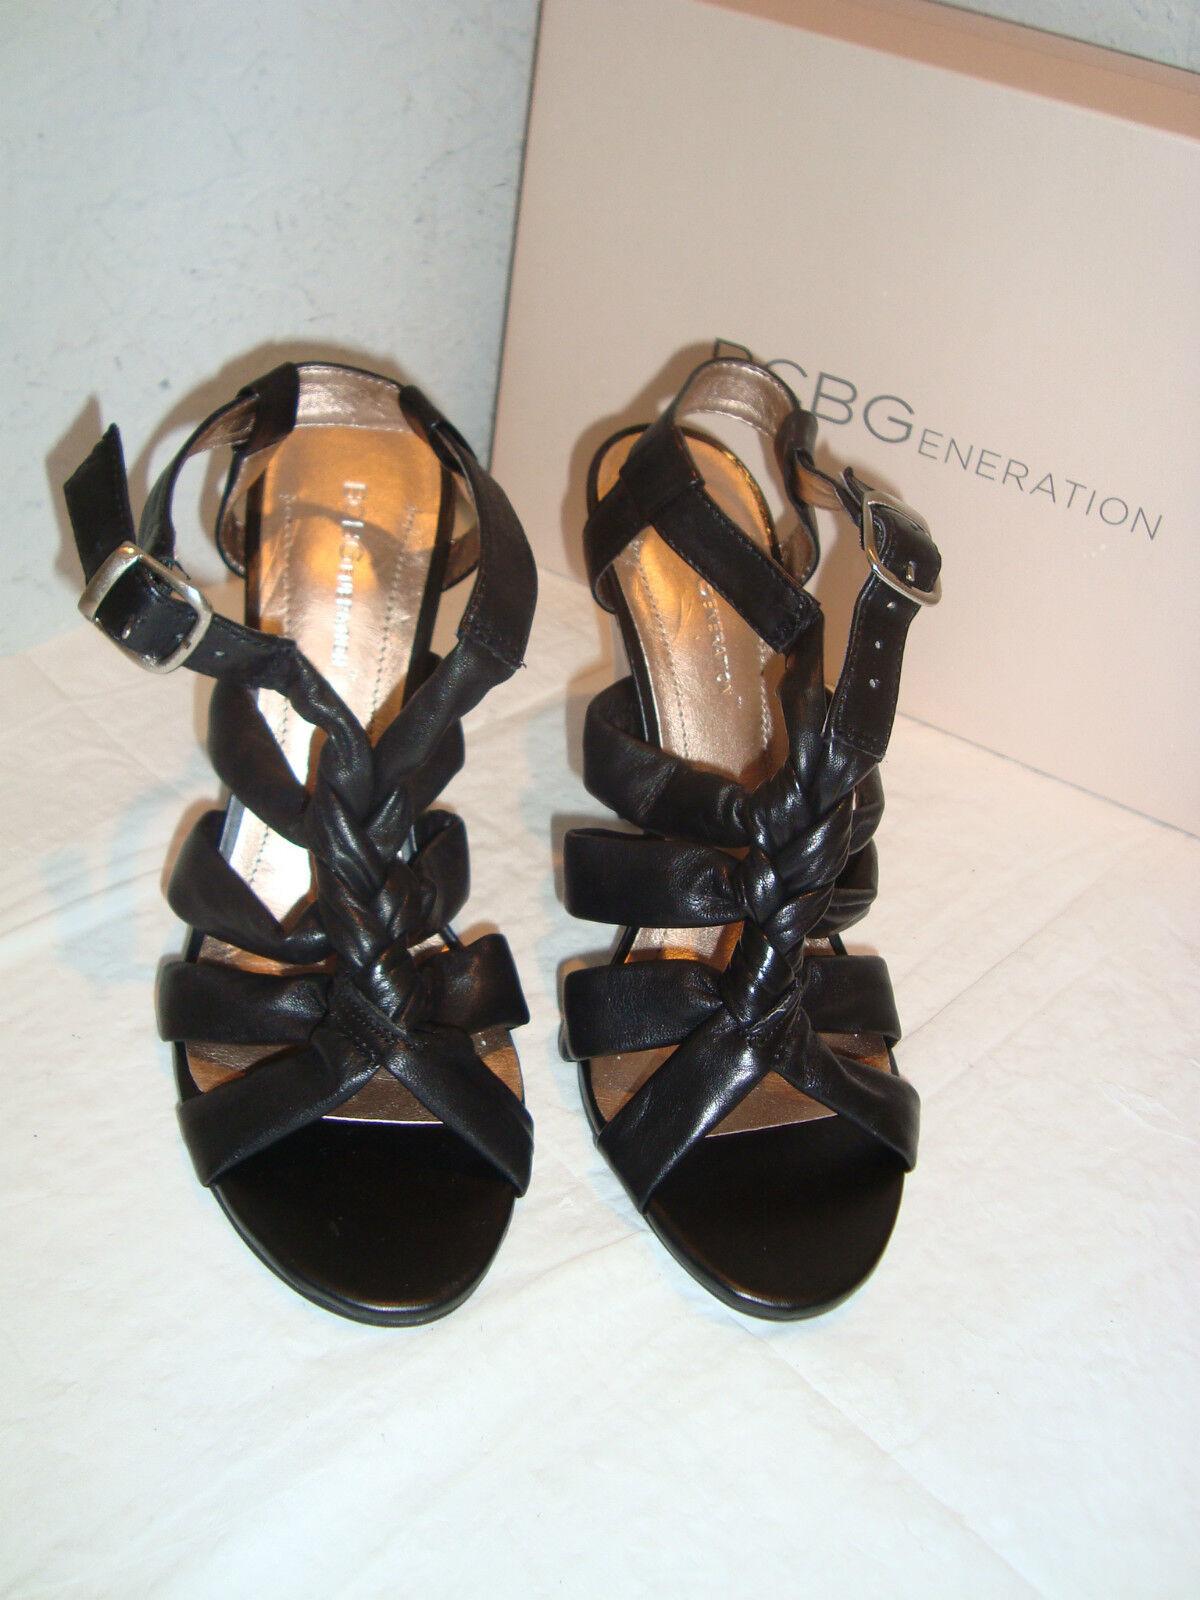 Nuevo Bcbgeneration Bcbg Para Mujer Negro Negro Negro Sandalias Zapatos 8 medio de Napa natural  promociones de equipo